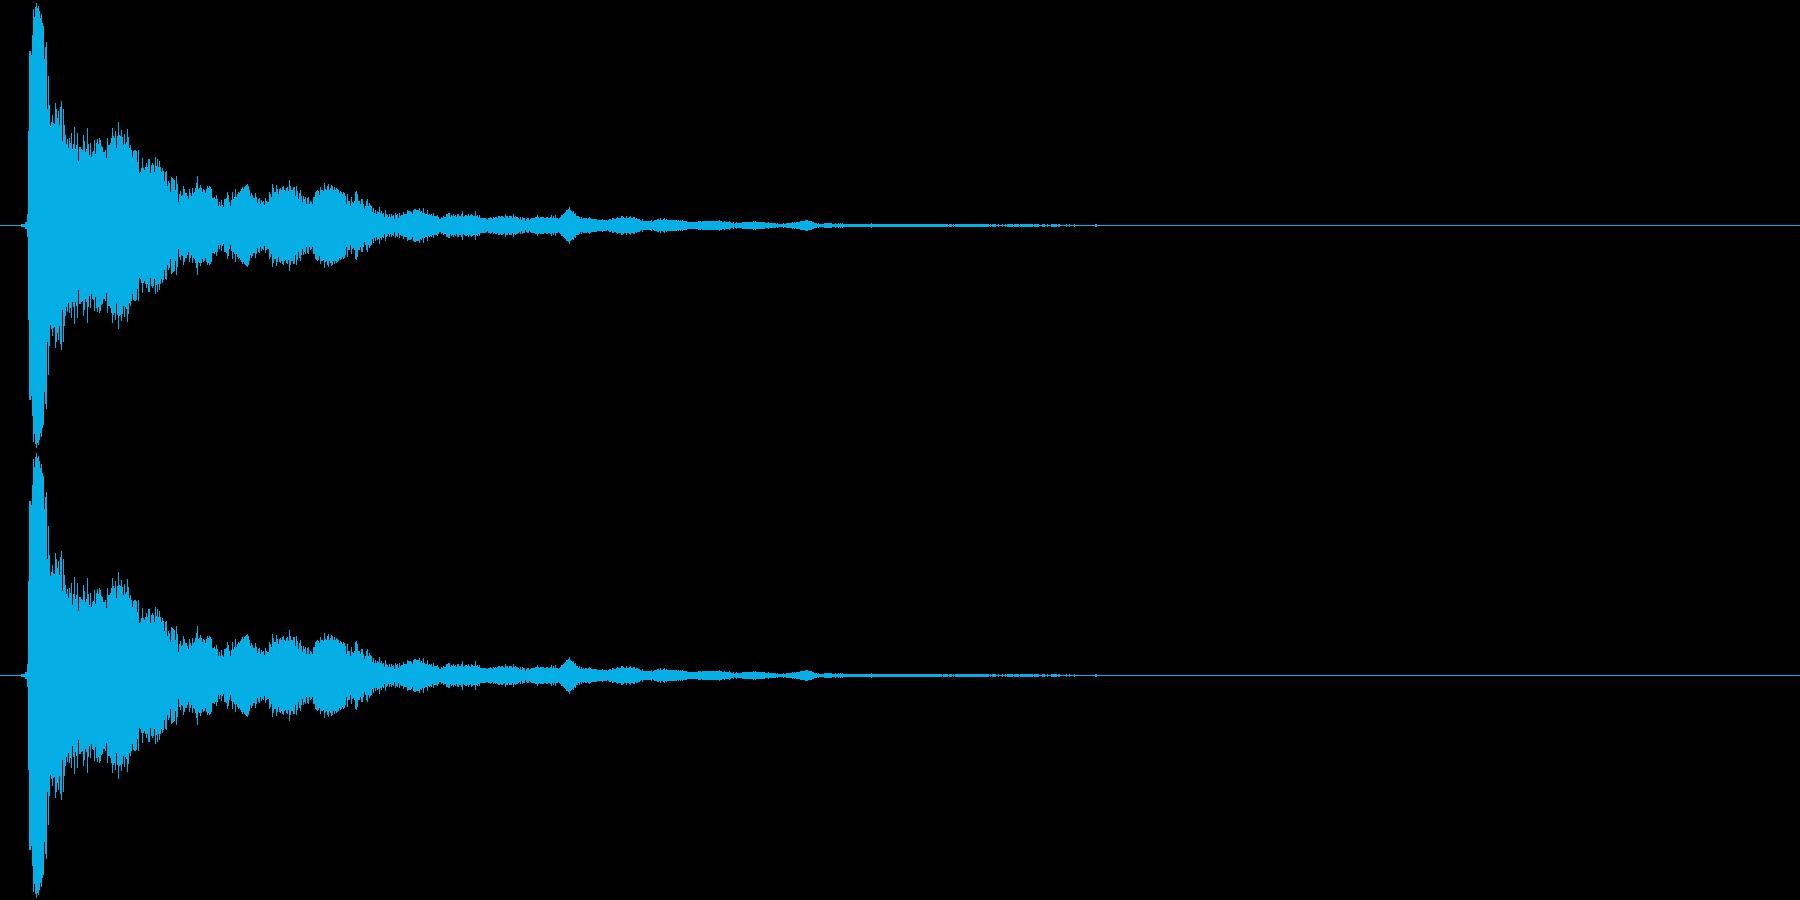 残響のある金属音(チューン)の再生済みの波形